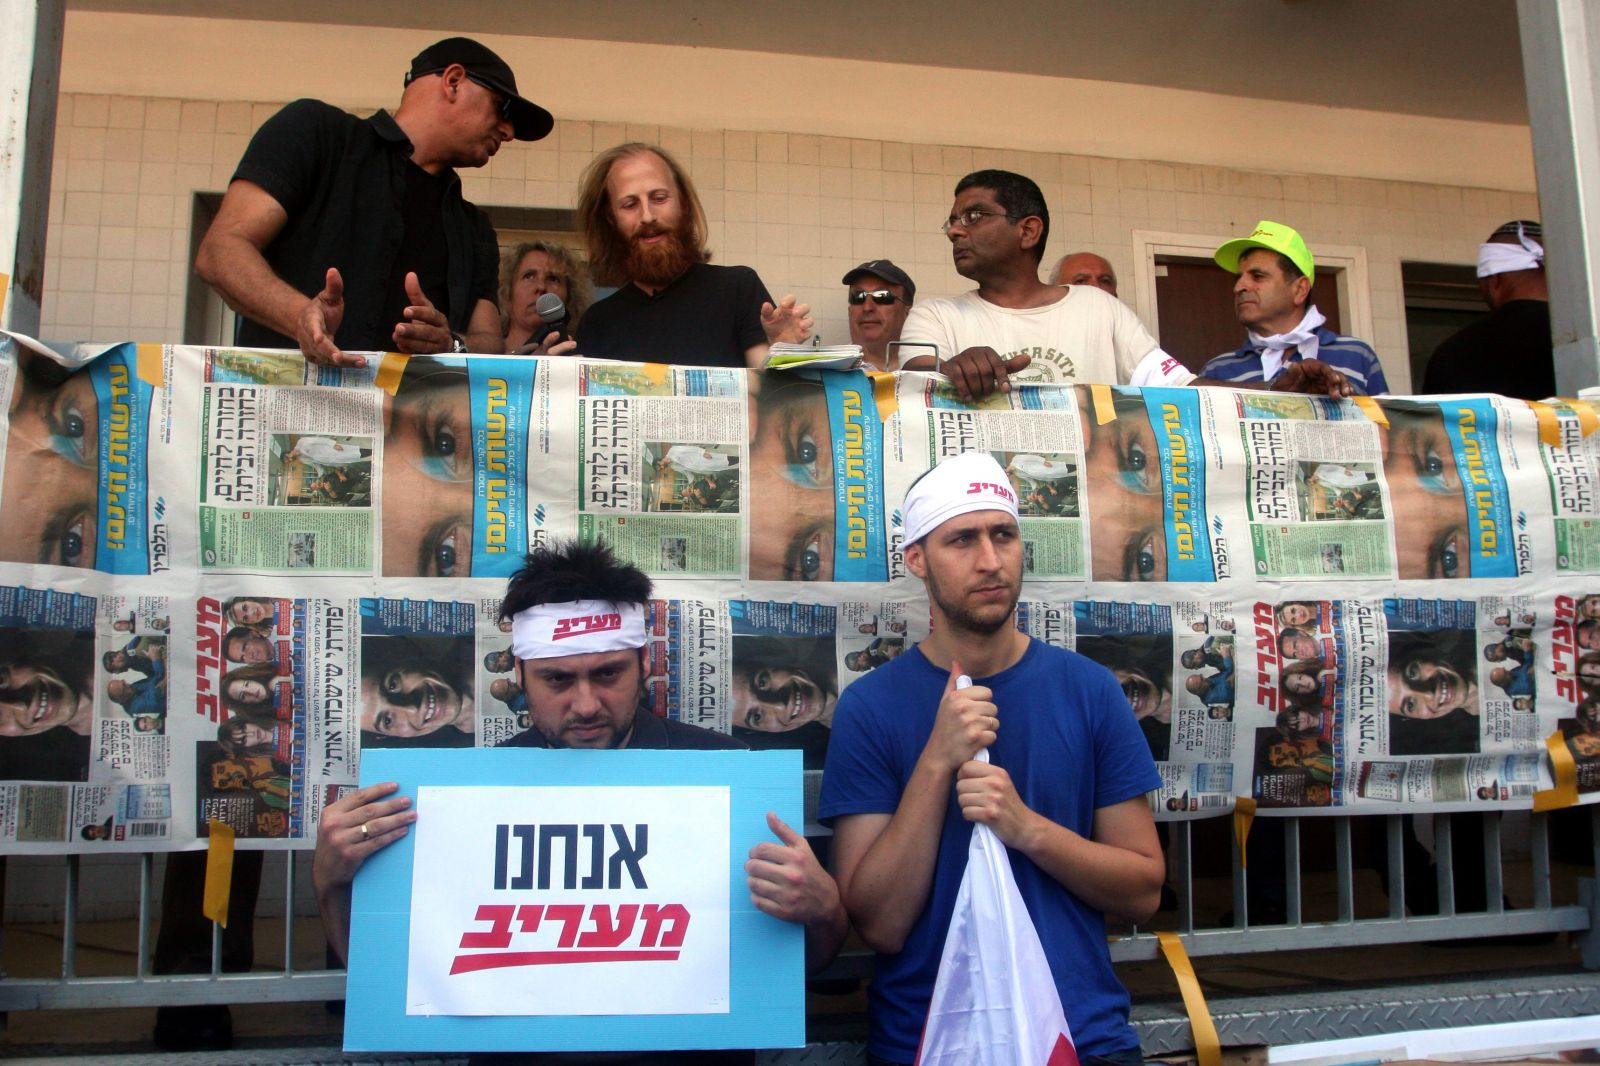 """עובדי """"מעריב"""" מפגינים נגד ההנהלה הקודמת, 15.10.12 (צילום: רוני שיצר)"""